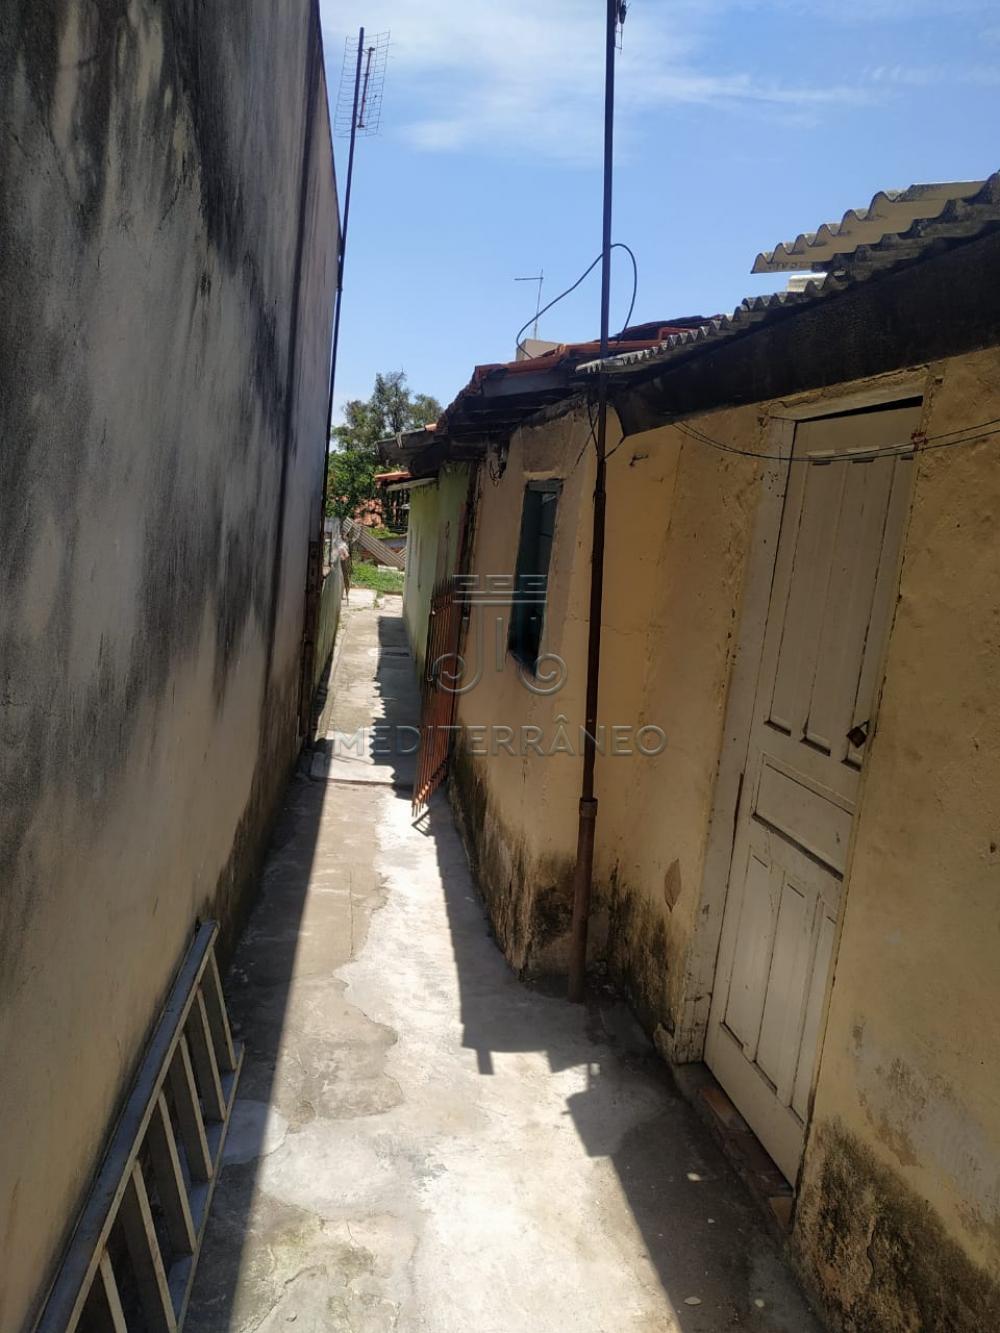 Comprar Casa / Padrão em Jundiaí apenas R$ 280.000,00 - Foto 3